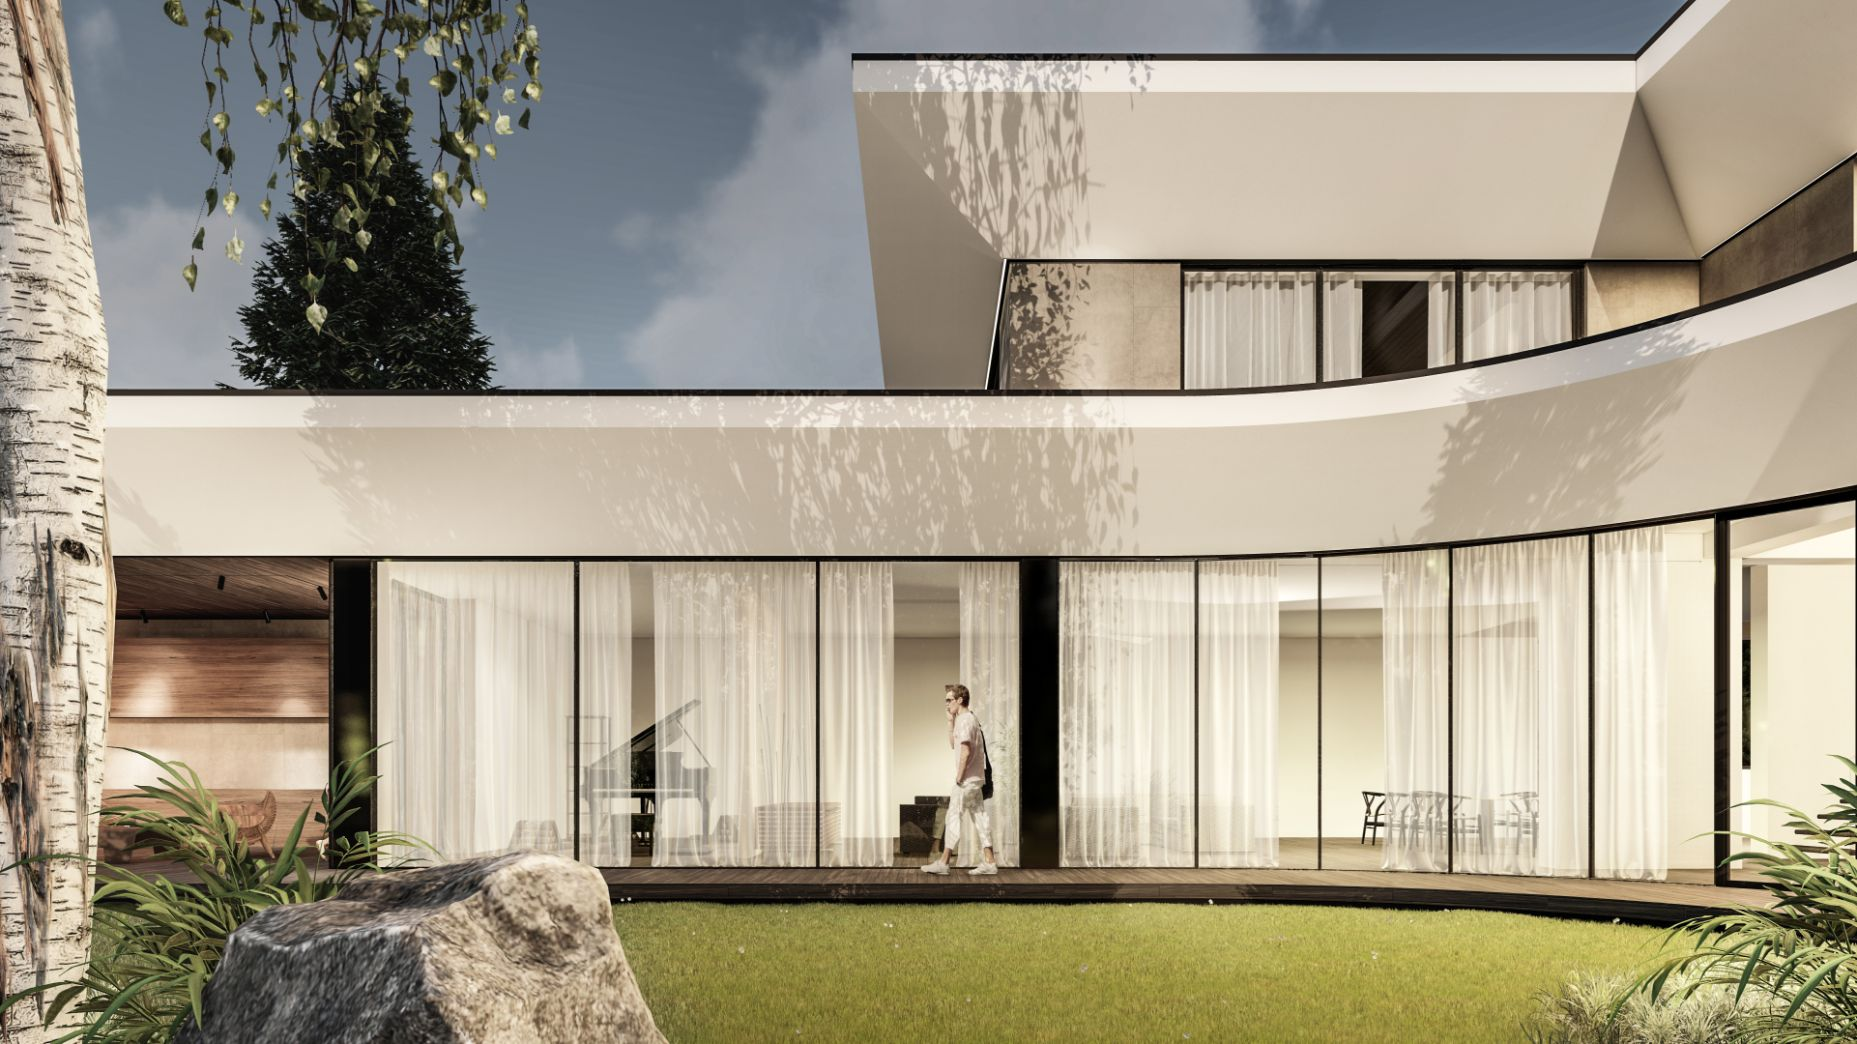 Proiect de arhitectură și design modern in culori deschise și geamuri mari pentru senzație de aerisire